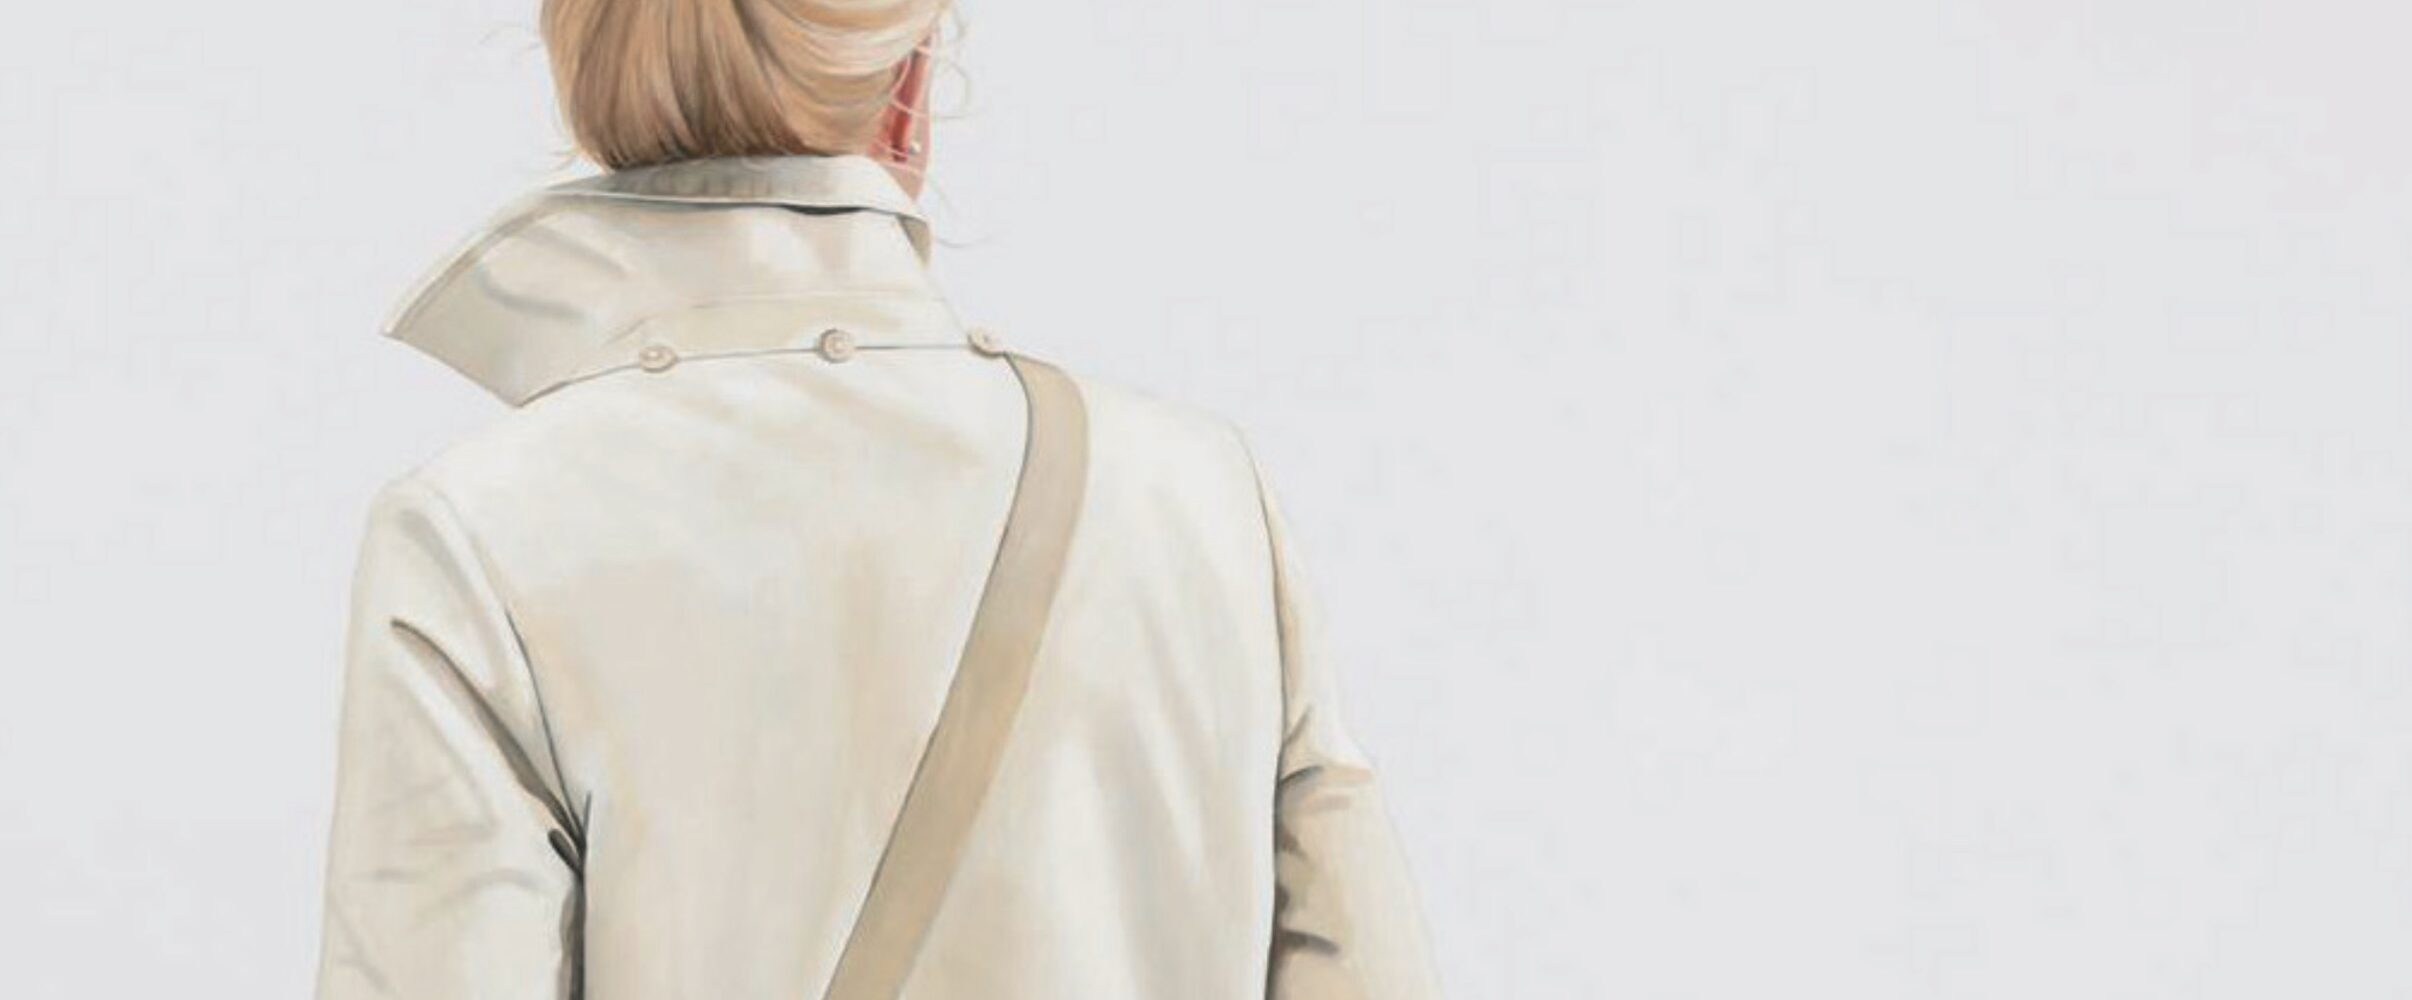 Einladung zur Ausstellung von Sabine Liebchen in der Galerie Voigt, Nürnberg